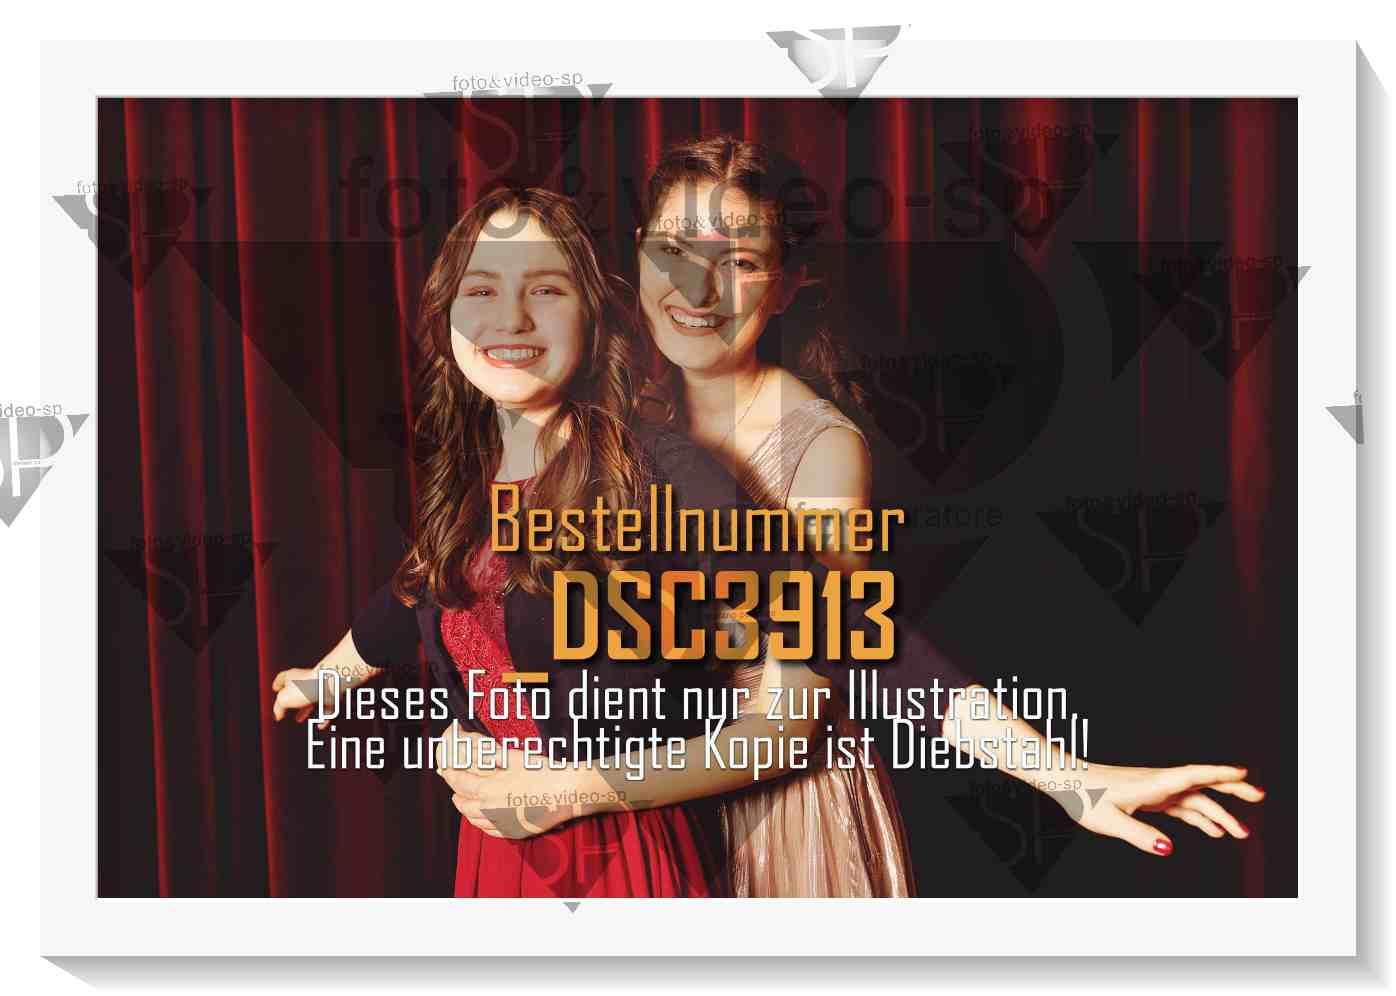 DSC3913